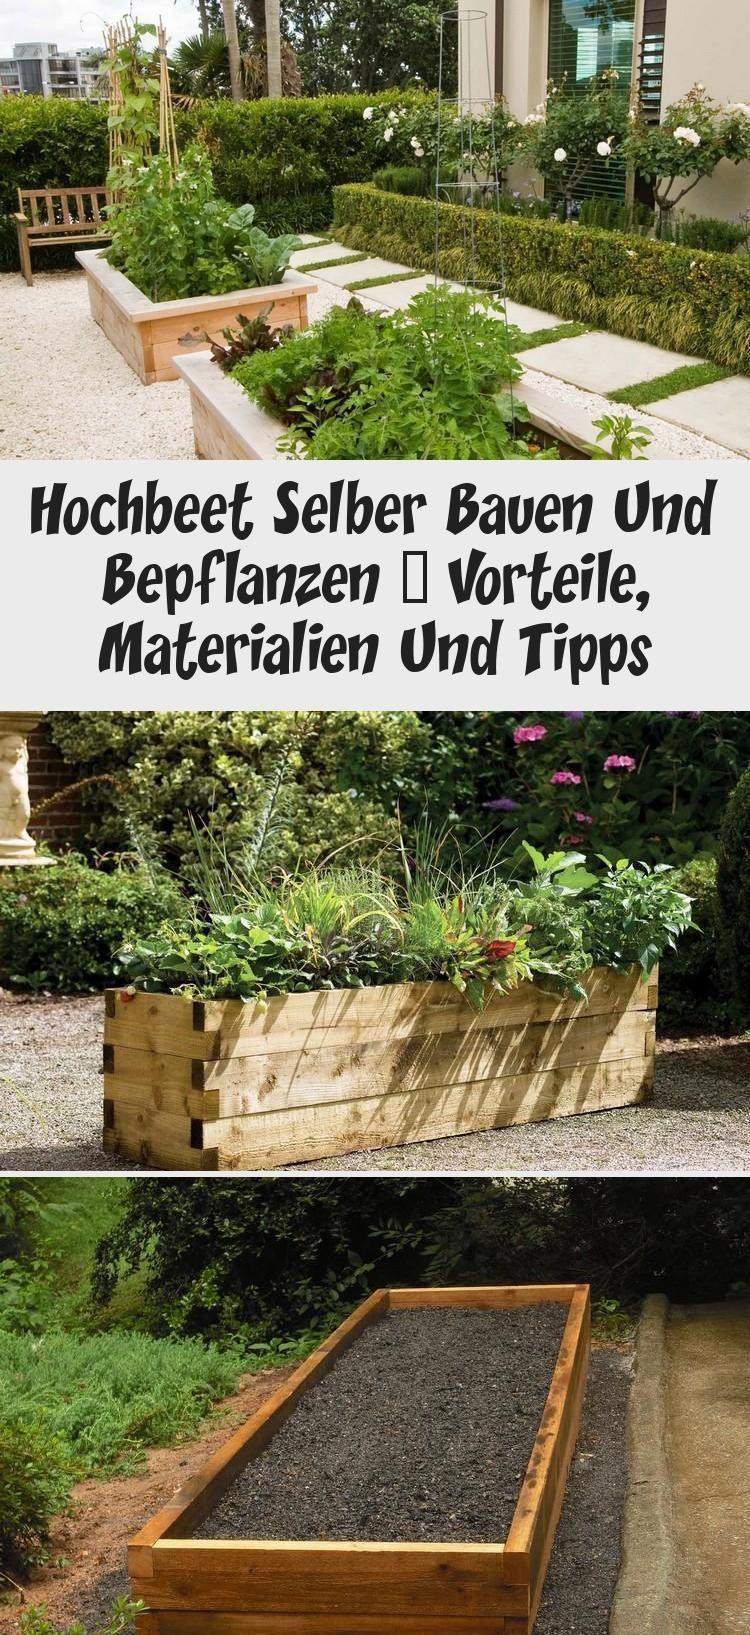 Gartenhochbett Zum Bauen Und Pflanzen Vorteile Materialien Und Tipps In 2020 Hochbeet Selber Bauen Bepflanzung Hochbeet